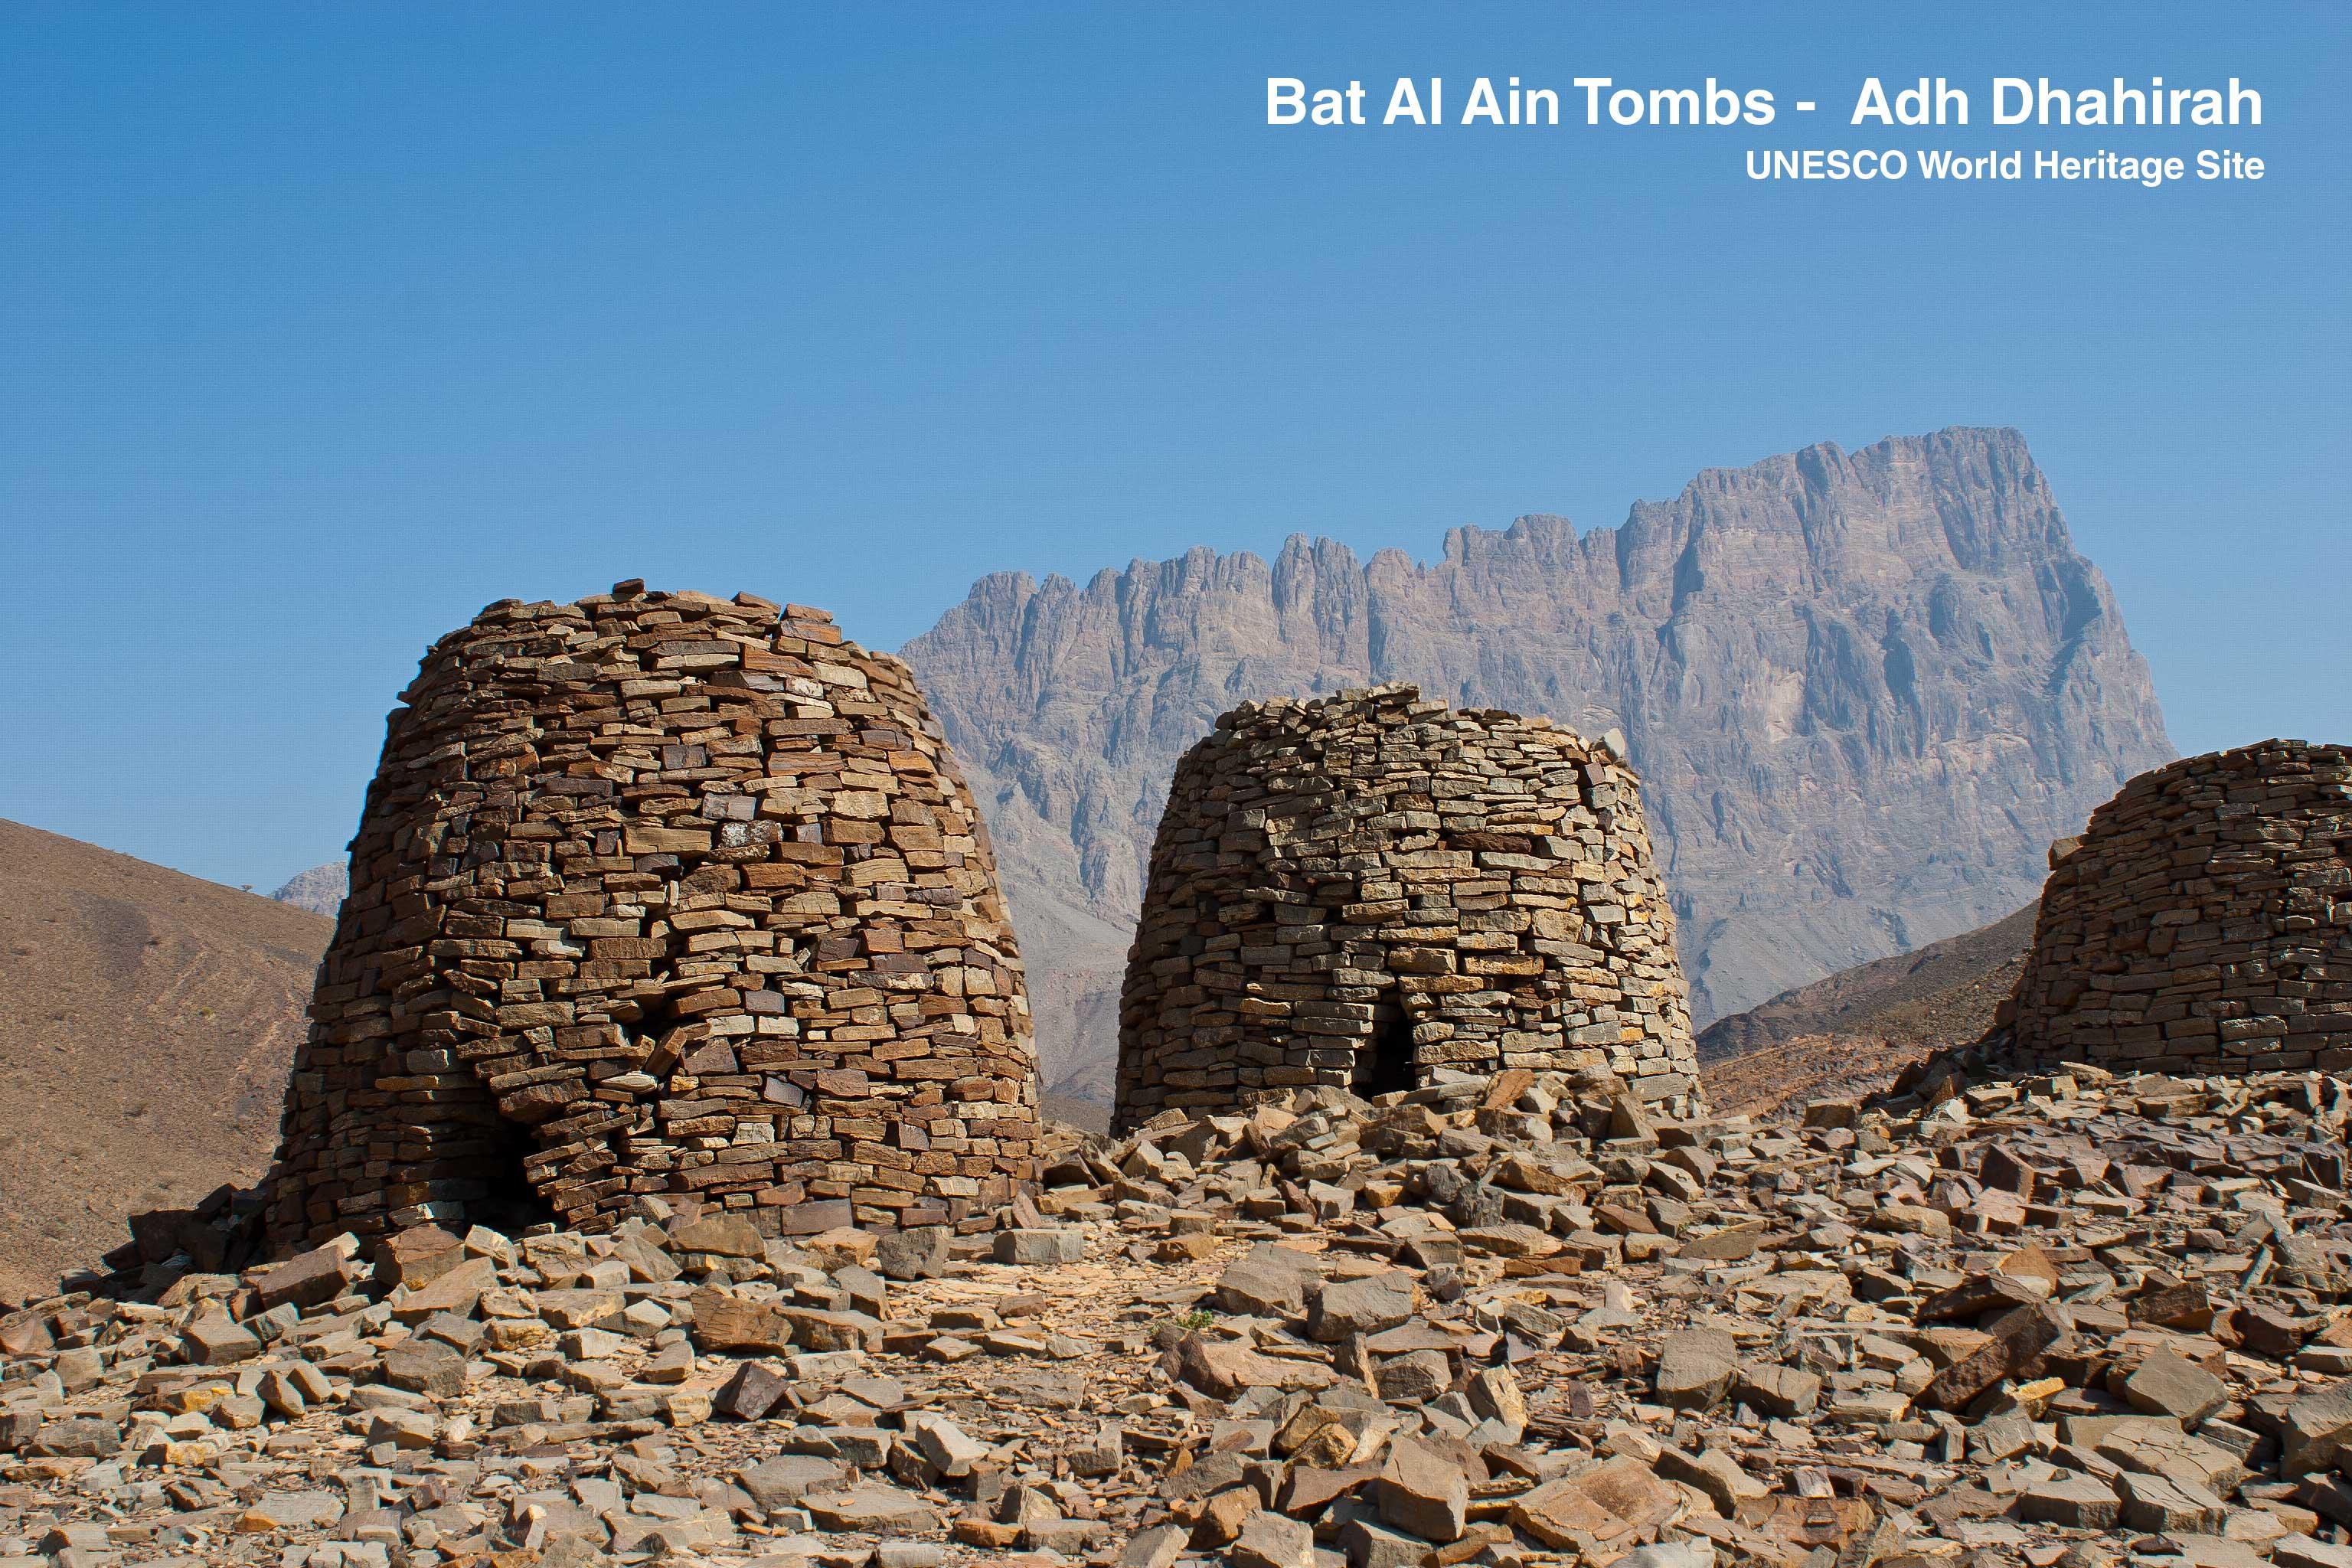 Bat-Al-Ain-Tombs----Adh-Dhahirah